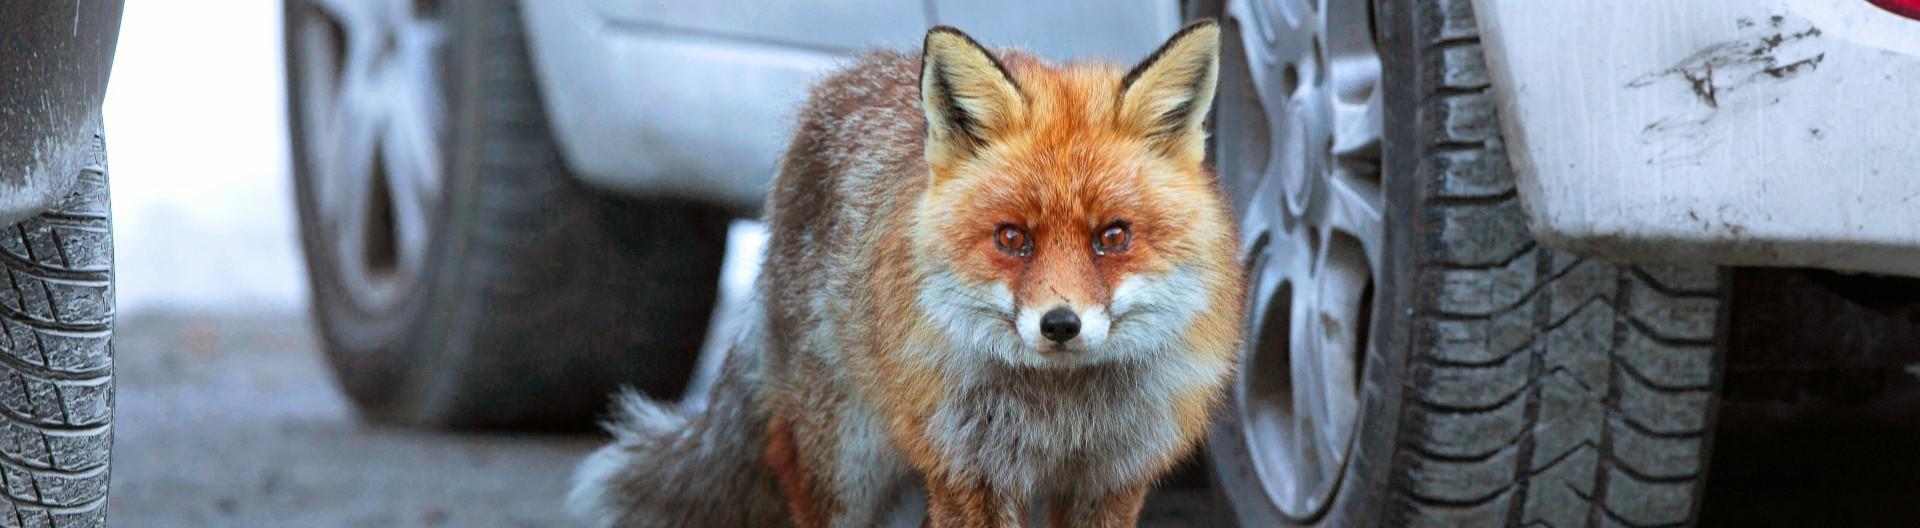 Ein Fuchs zwischen Autos in der Stadt.